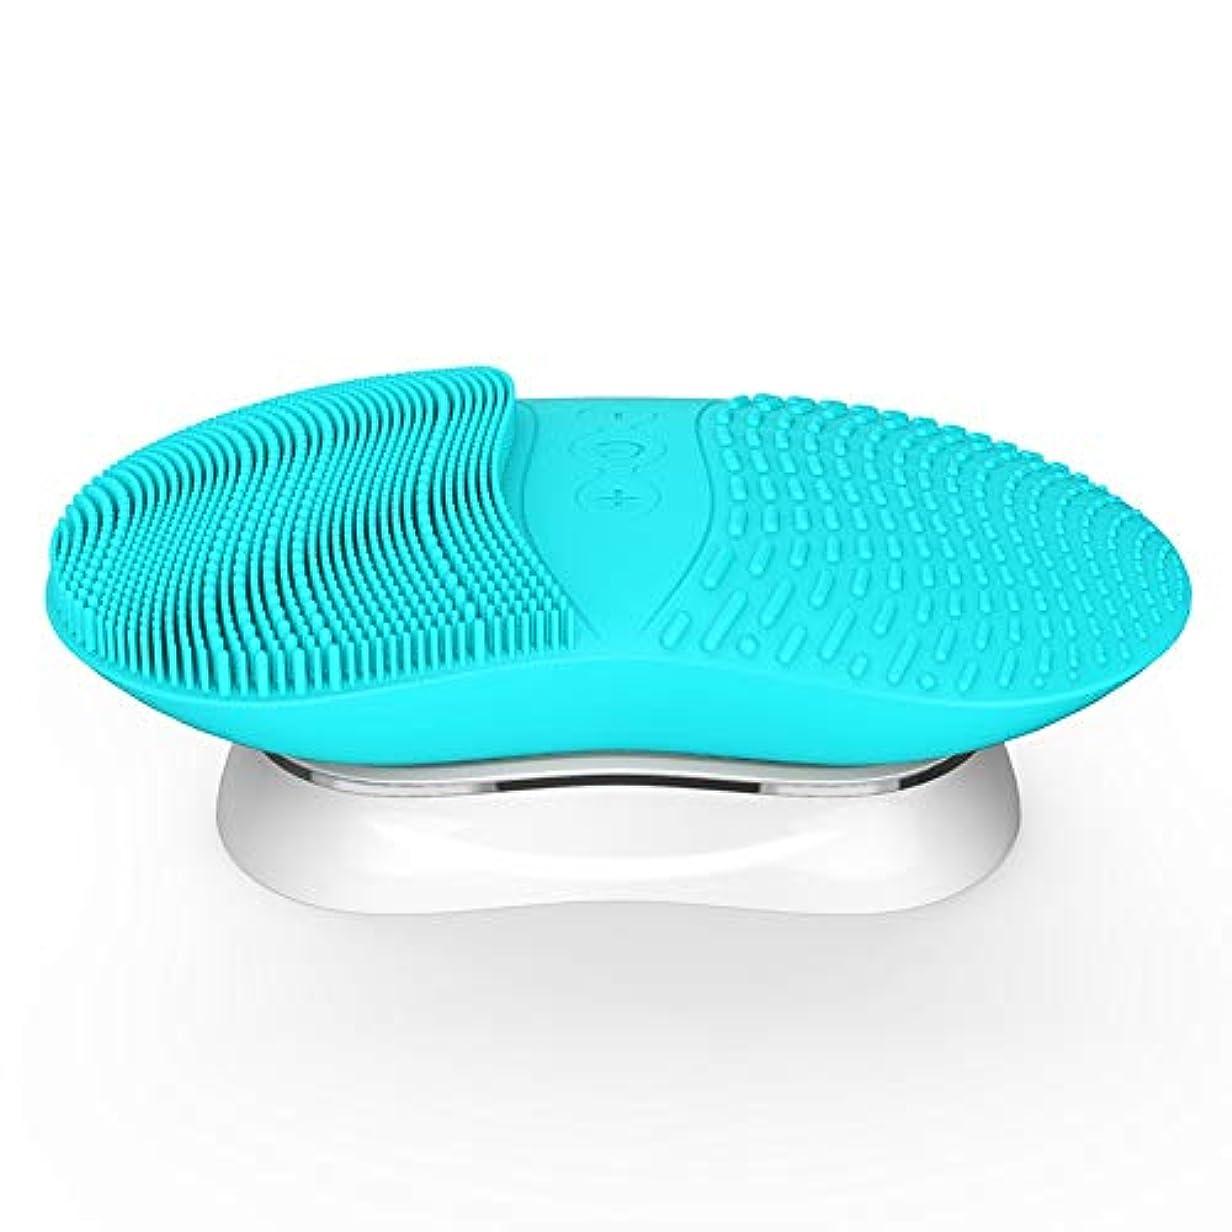 キャプチャー報復する電気のZXF 新ワイヤレス充電シリコンクレンジングブラシ超音波振動ディープクリーン防水暖かさクレンジング美容機器クレンジング機器 滑らかである